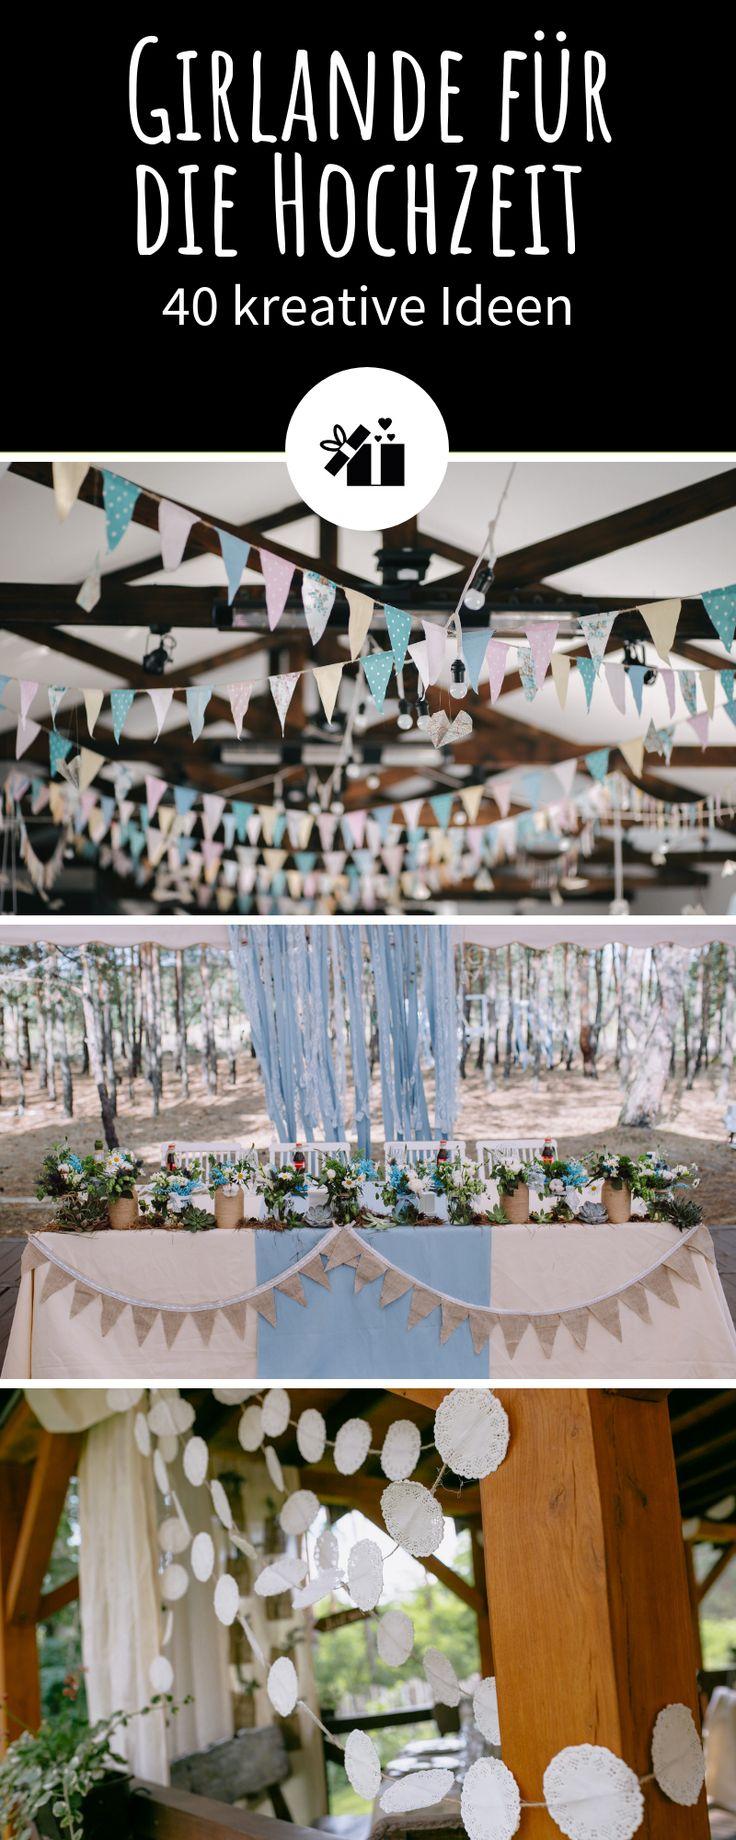 Girlande und Wimpelkette für die Hochzeit - 40 kreative Ideen